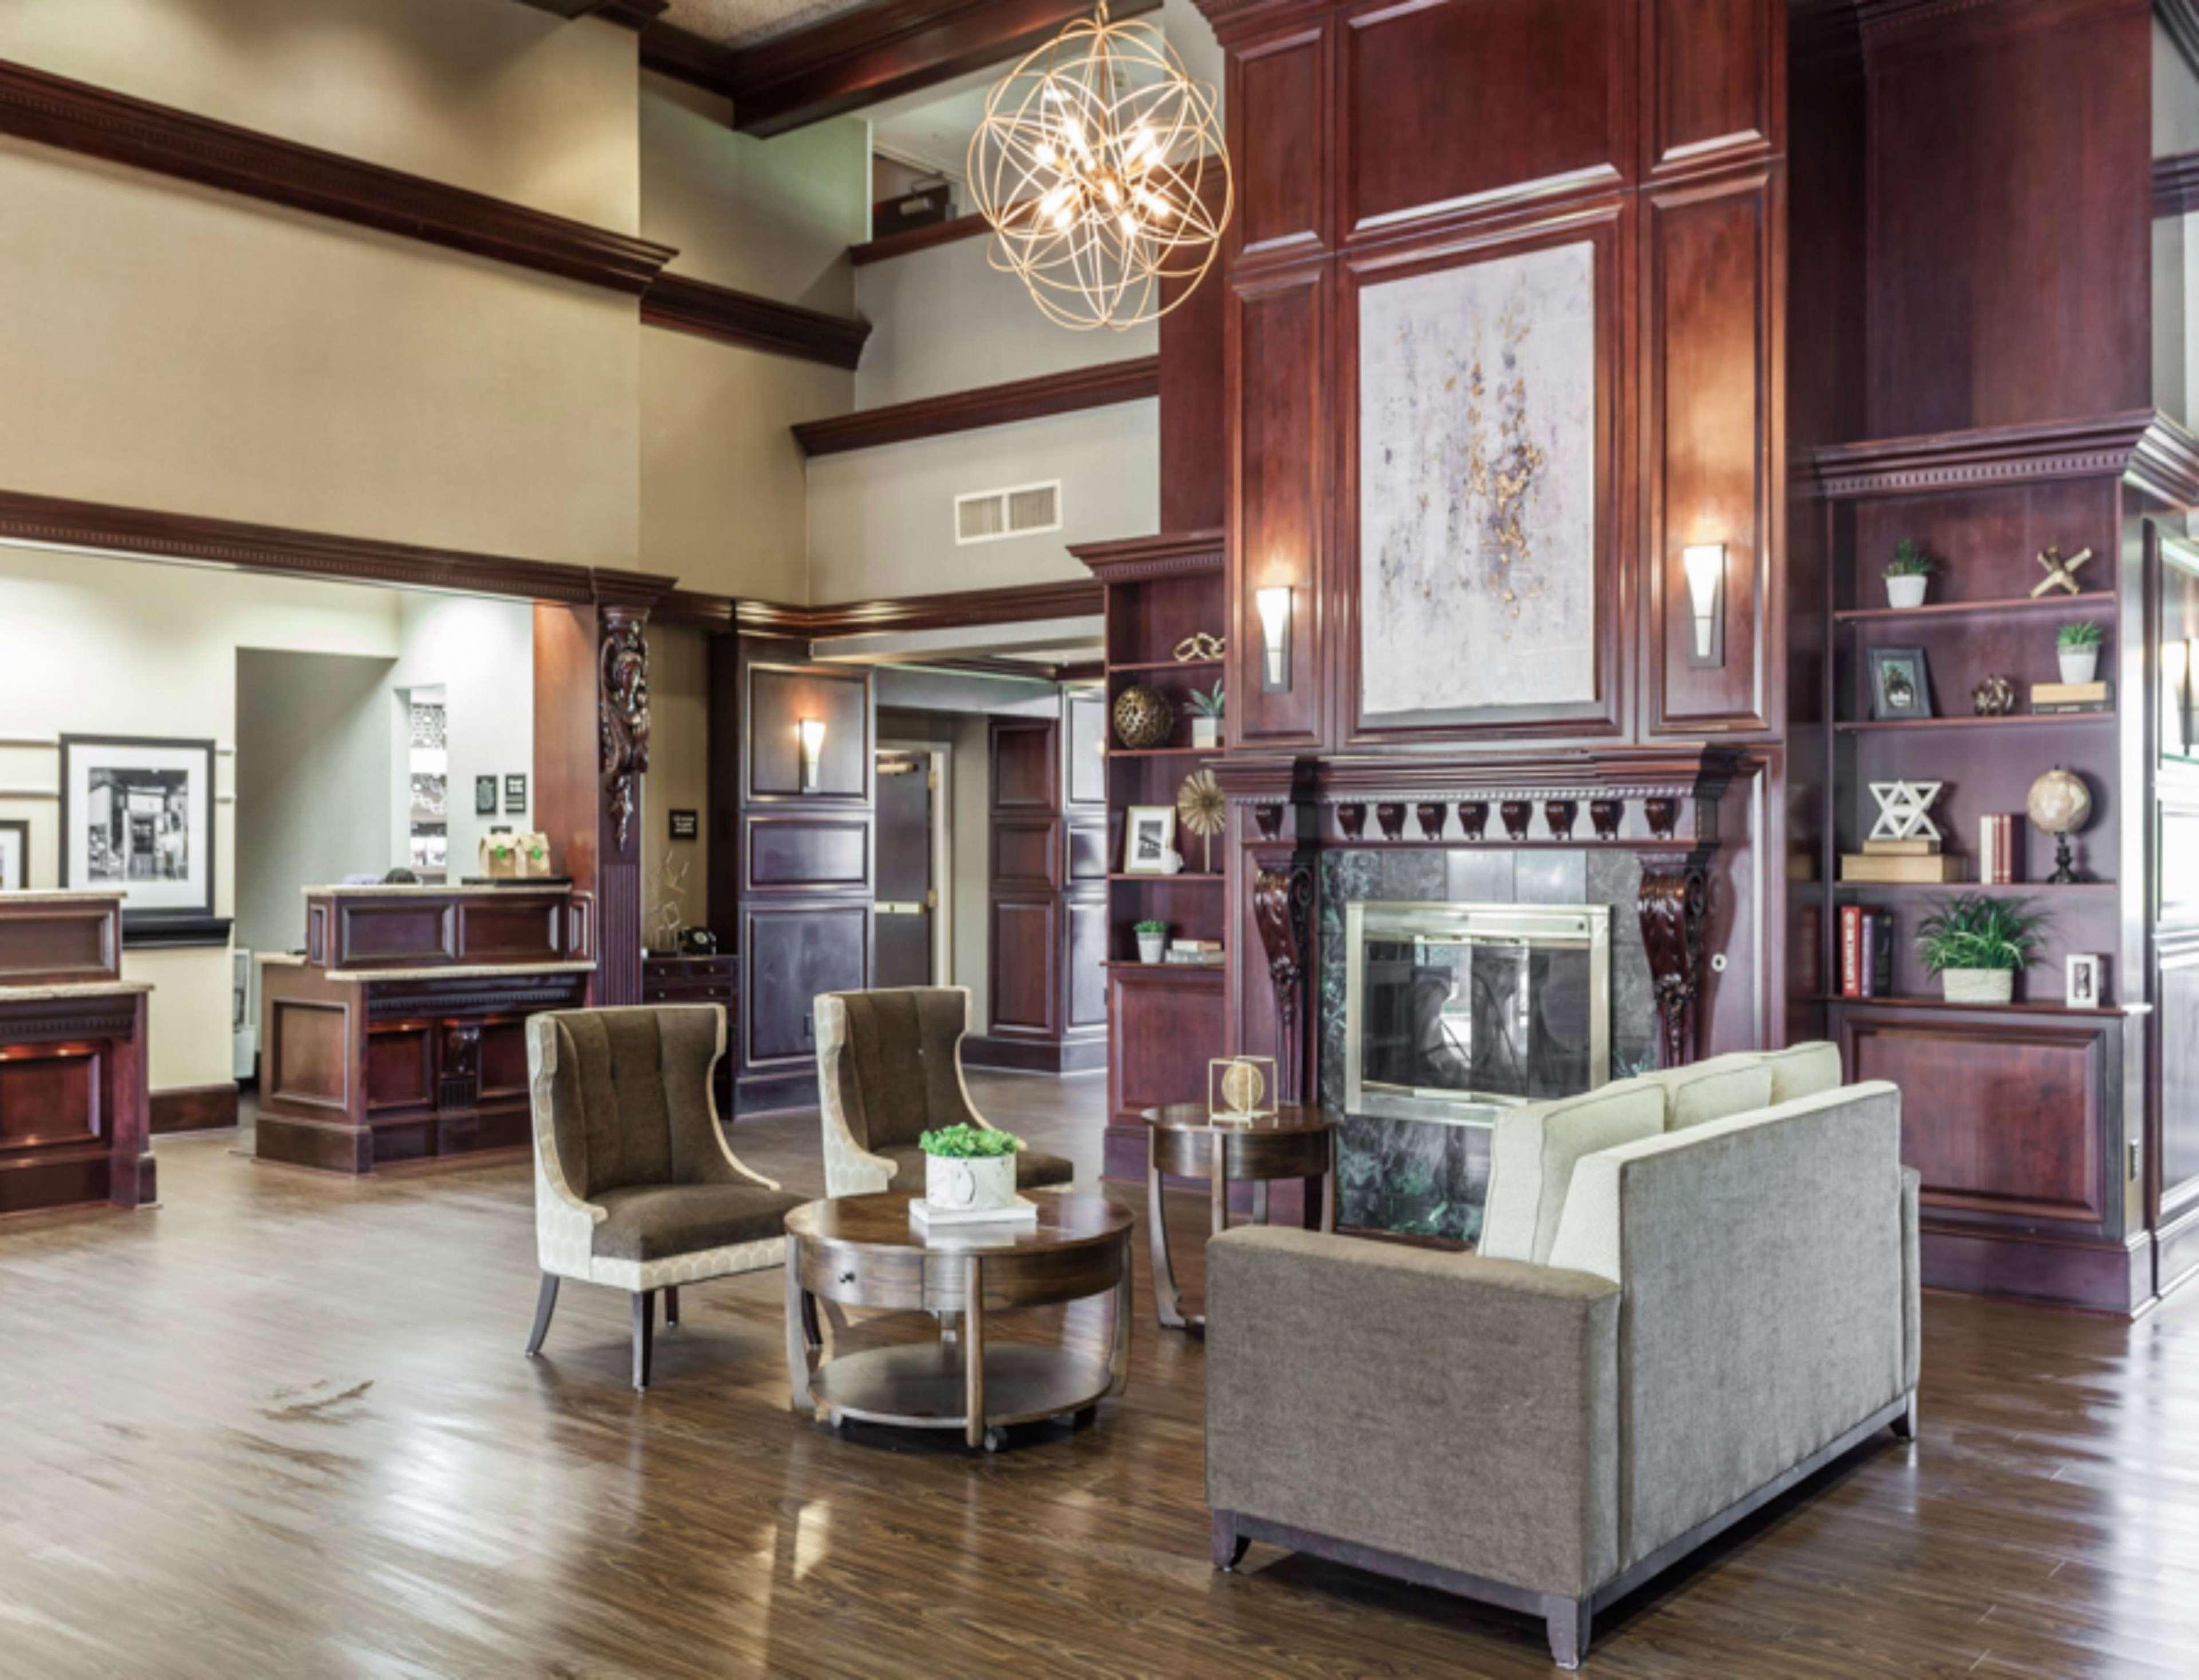 Hampton Inn & Suites Dallas-DFW Airport North-Grapevine in Grapevine, TX, photo #4